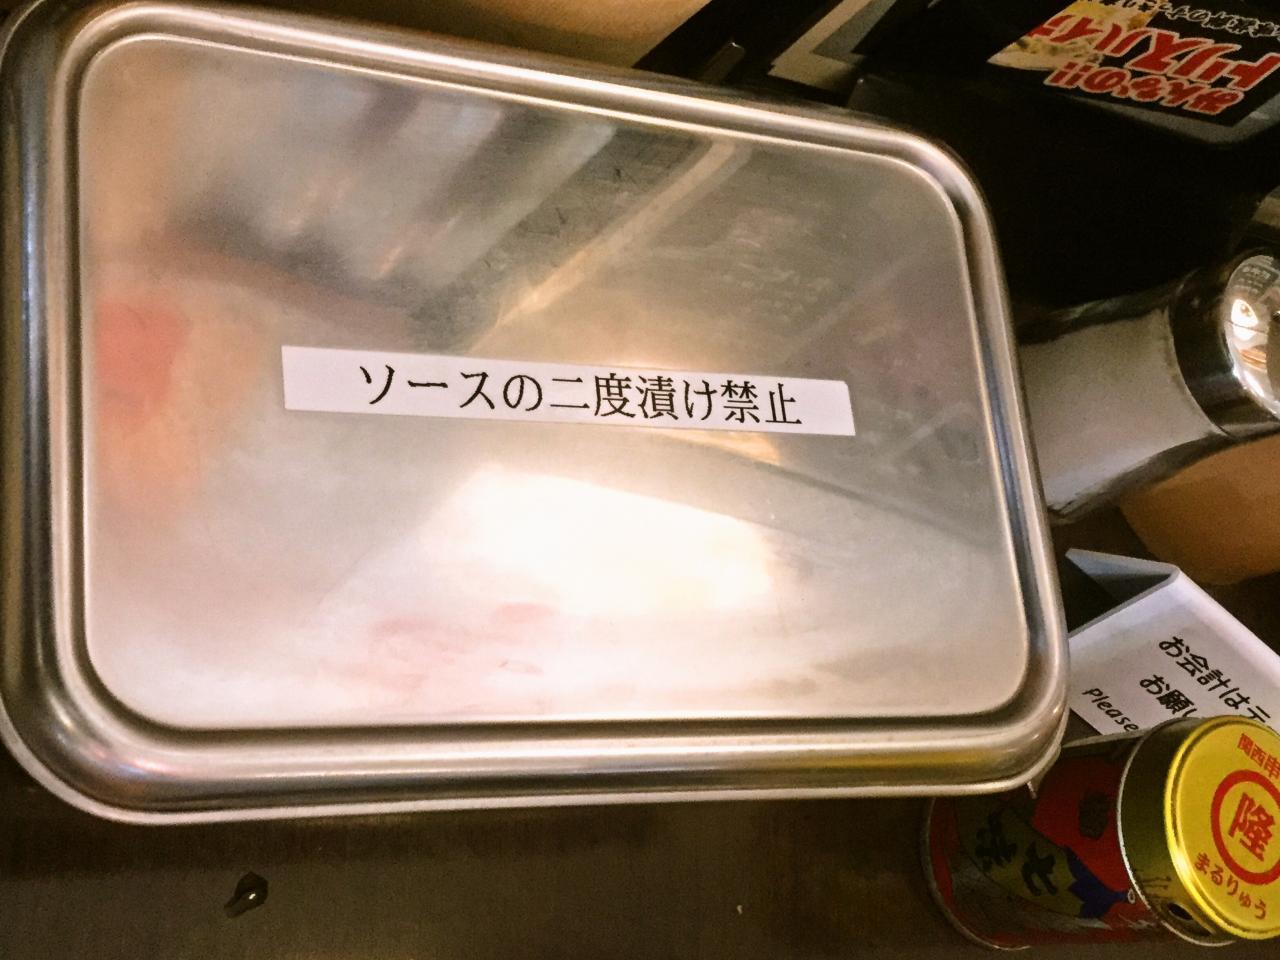 関西串カツまるりゅうたまプラーザ店(店内)